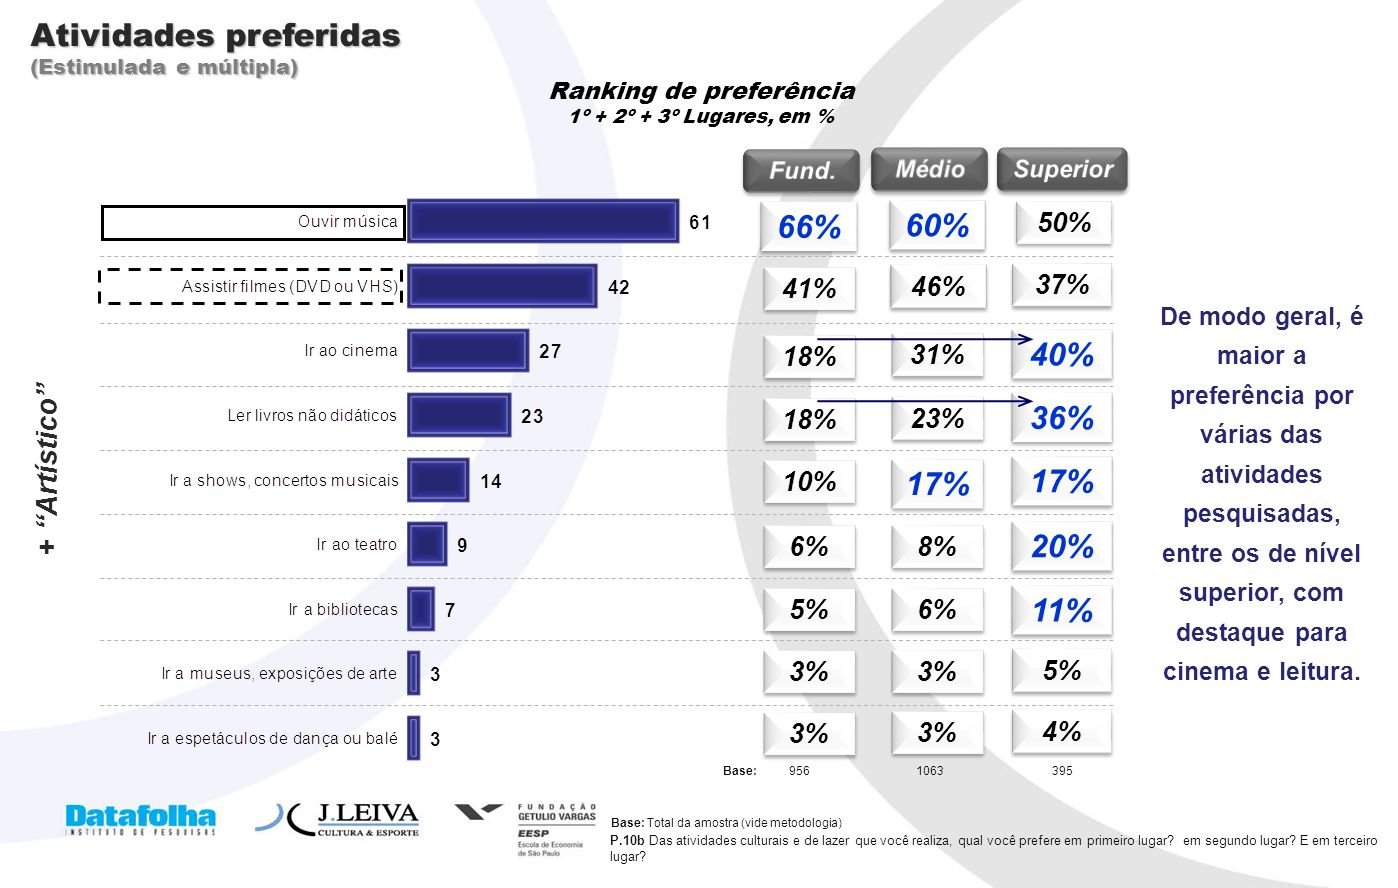 Ranking de preferência